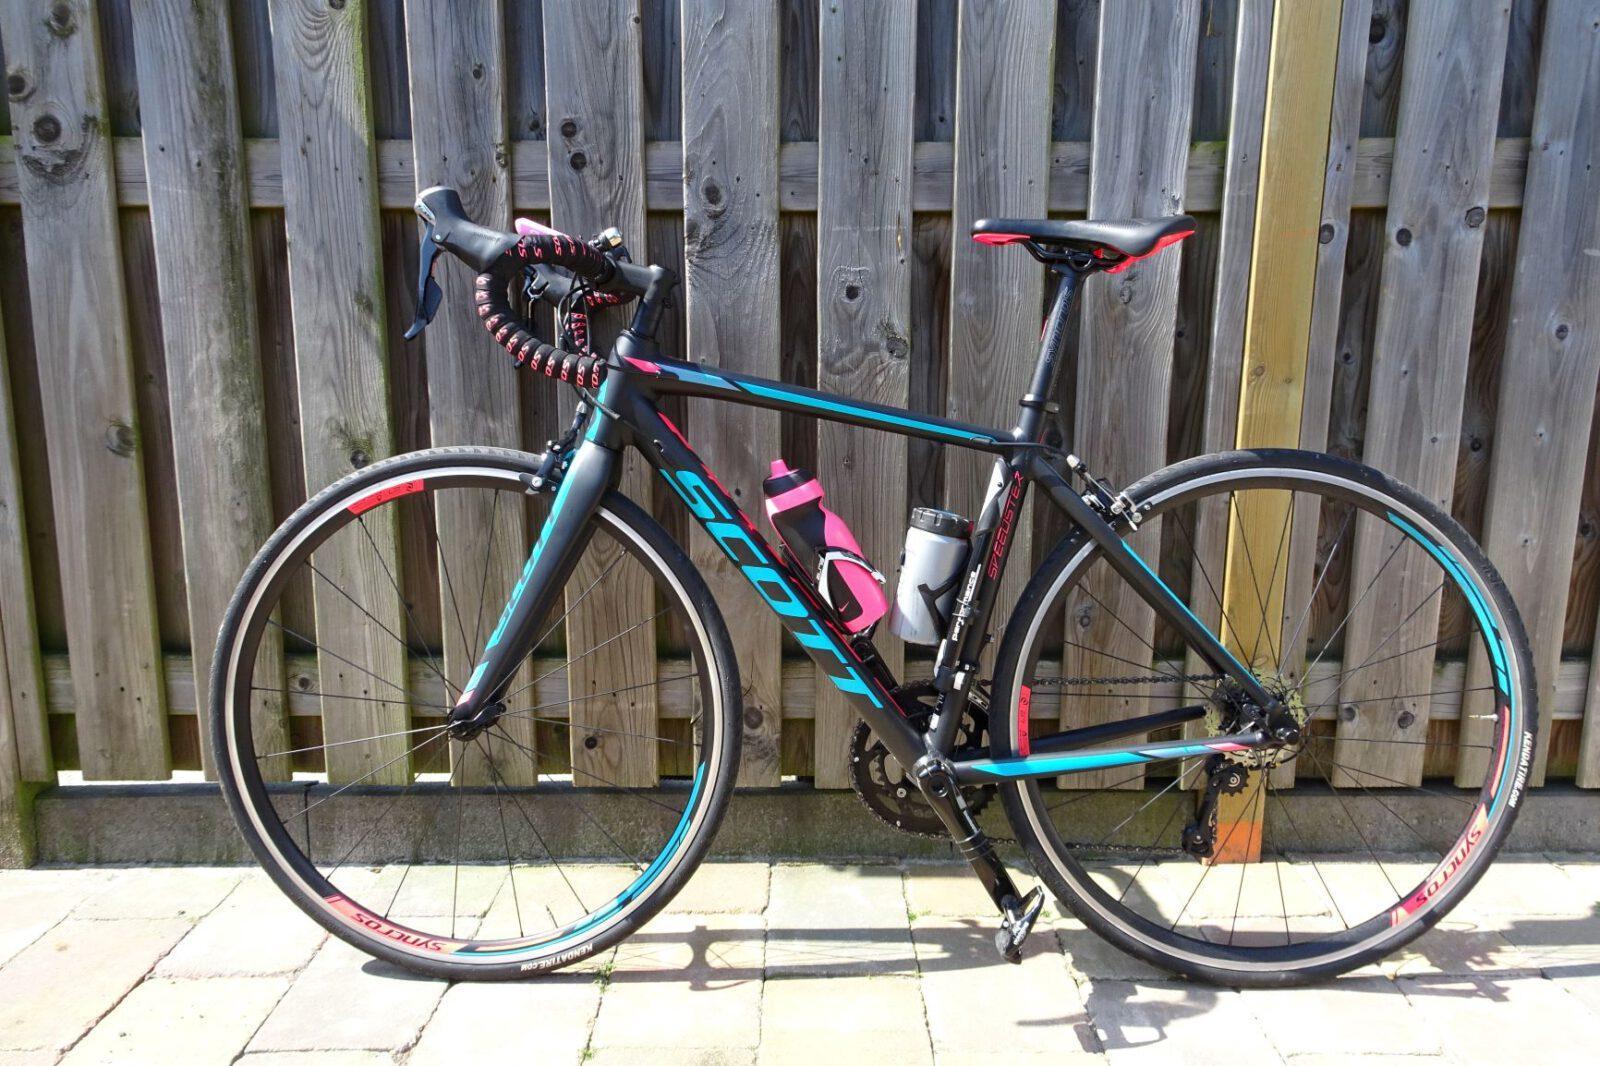 cadans fietsen mamazetkoers fietst op cadans waarom ik ben gaan fietsen